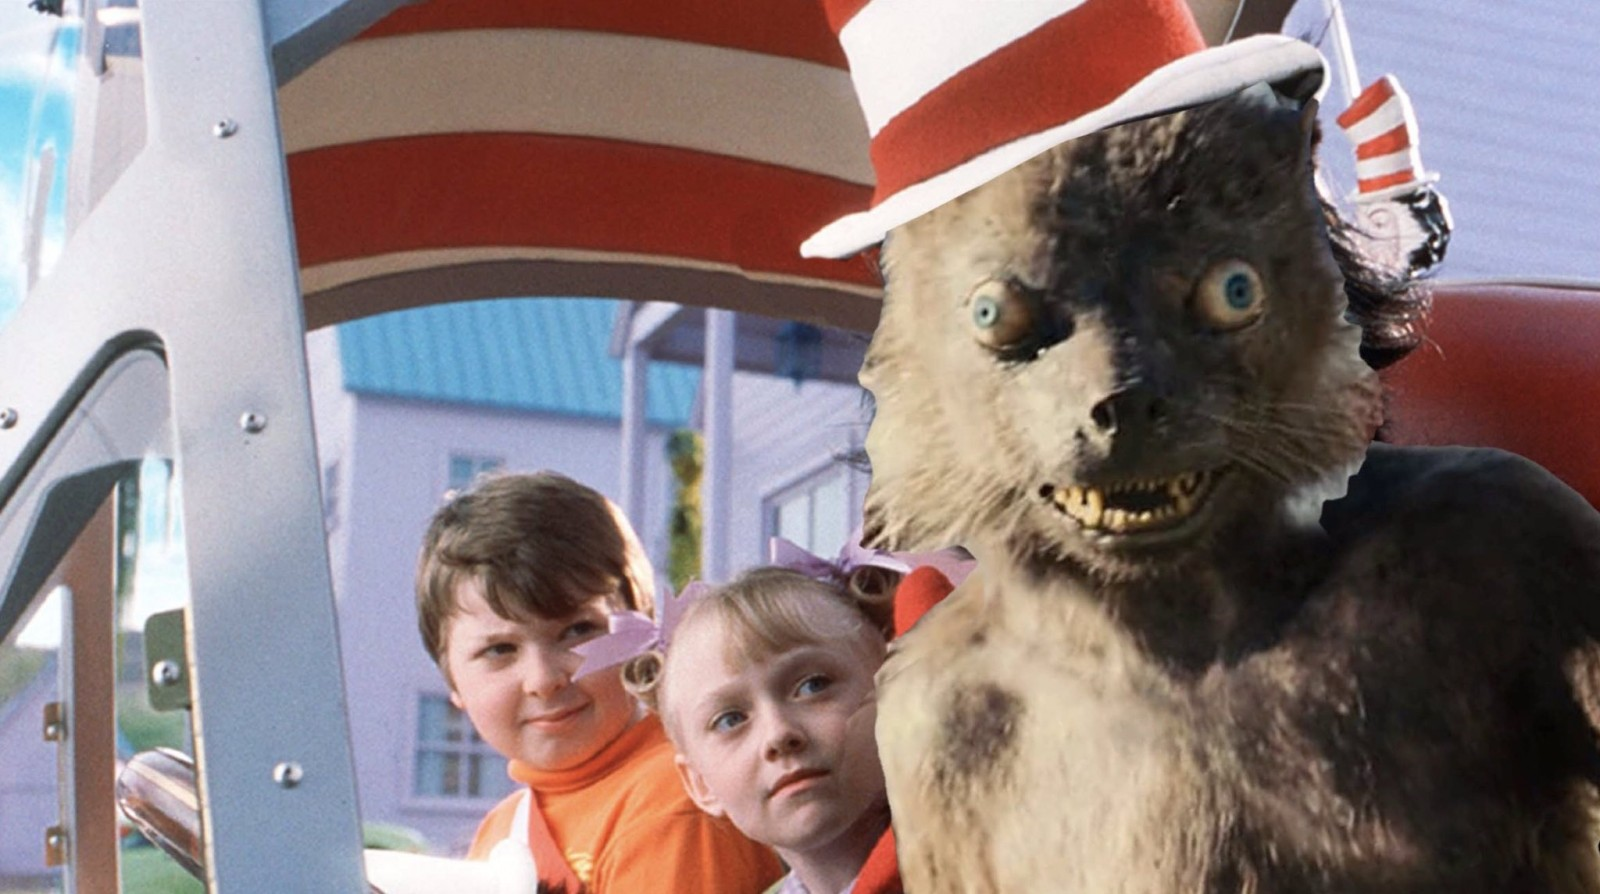 The Suicide Squad, The Cat in the Hat, El Gato en el Sombrero, Weasel, Comadreja